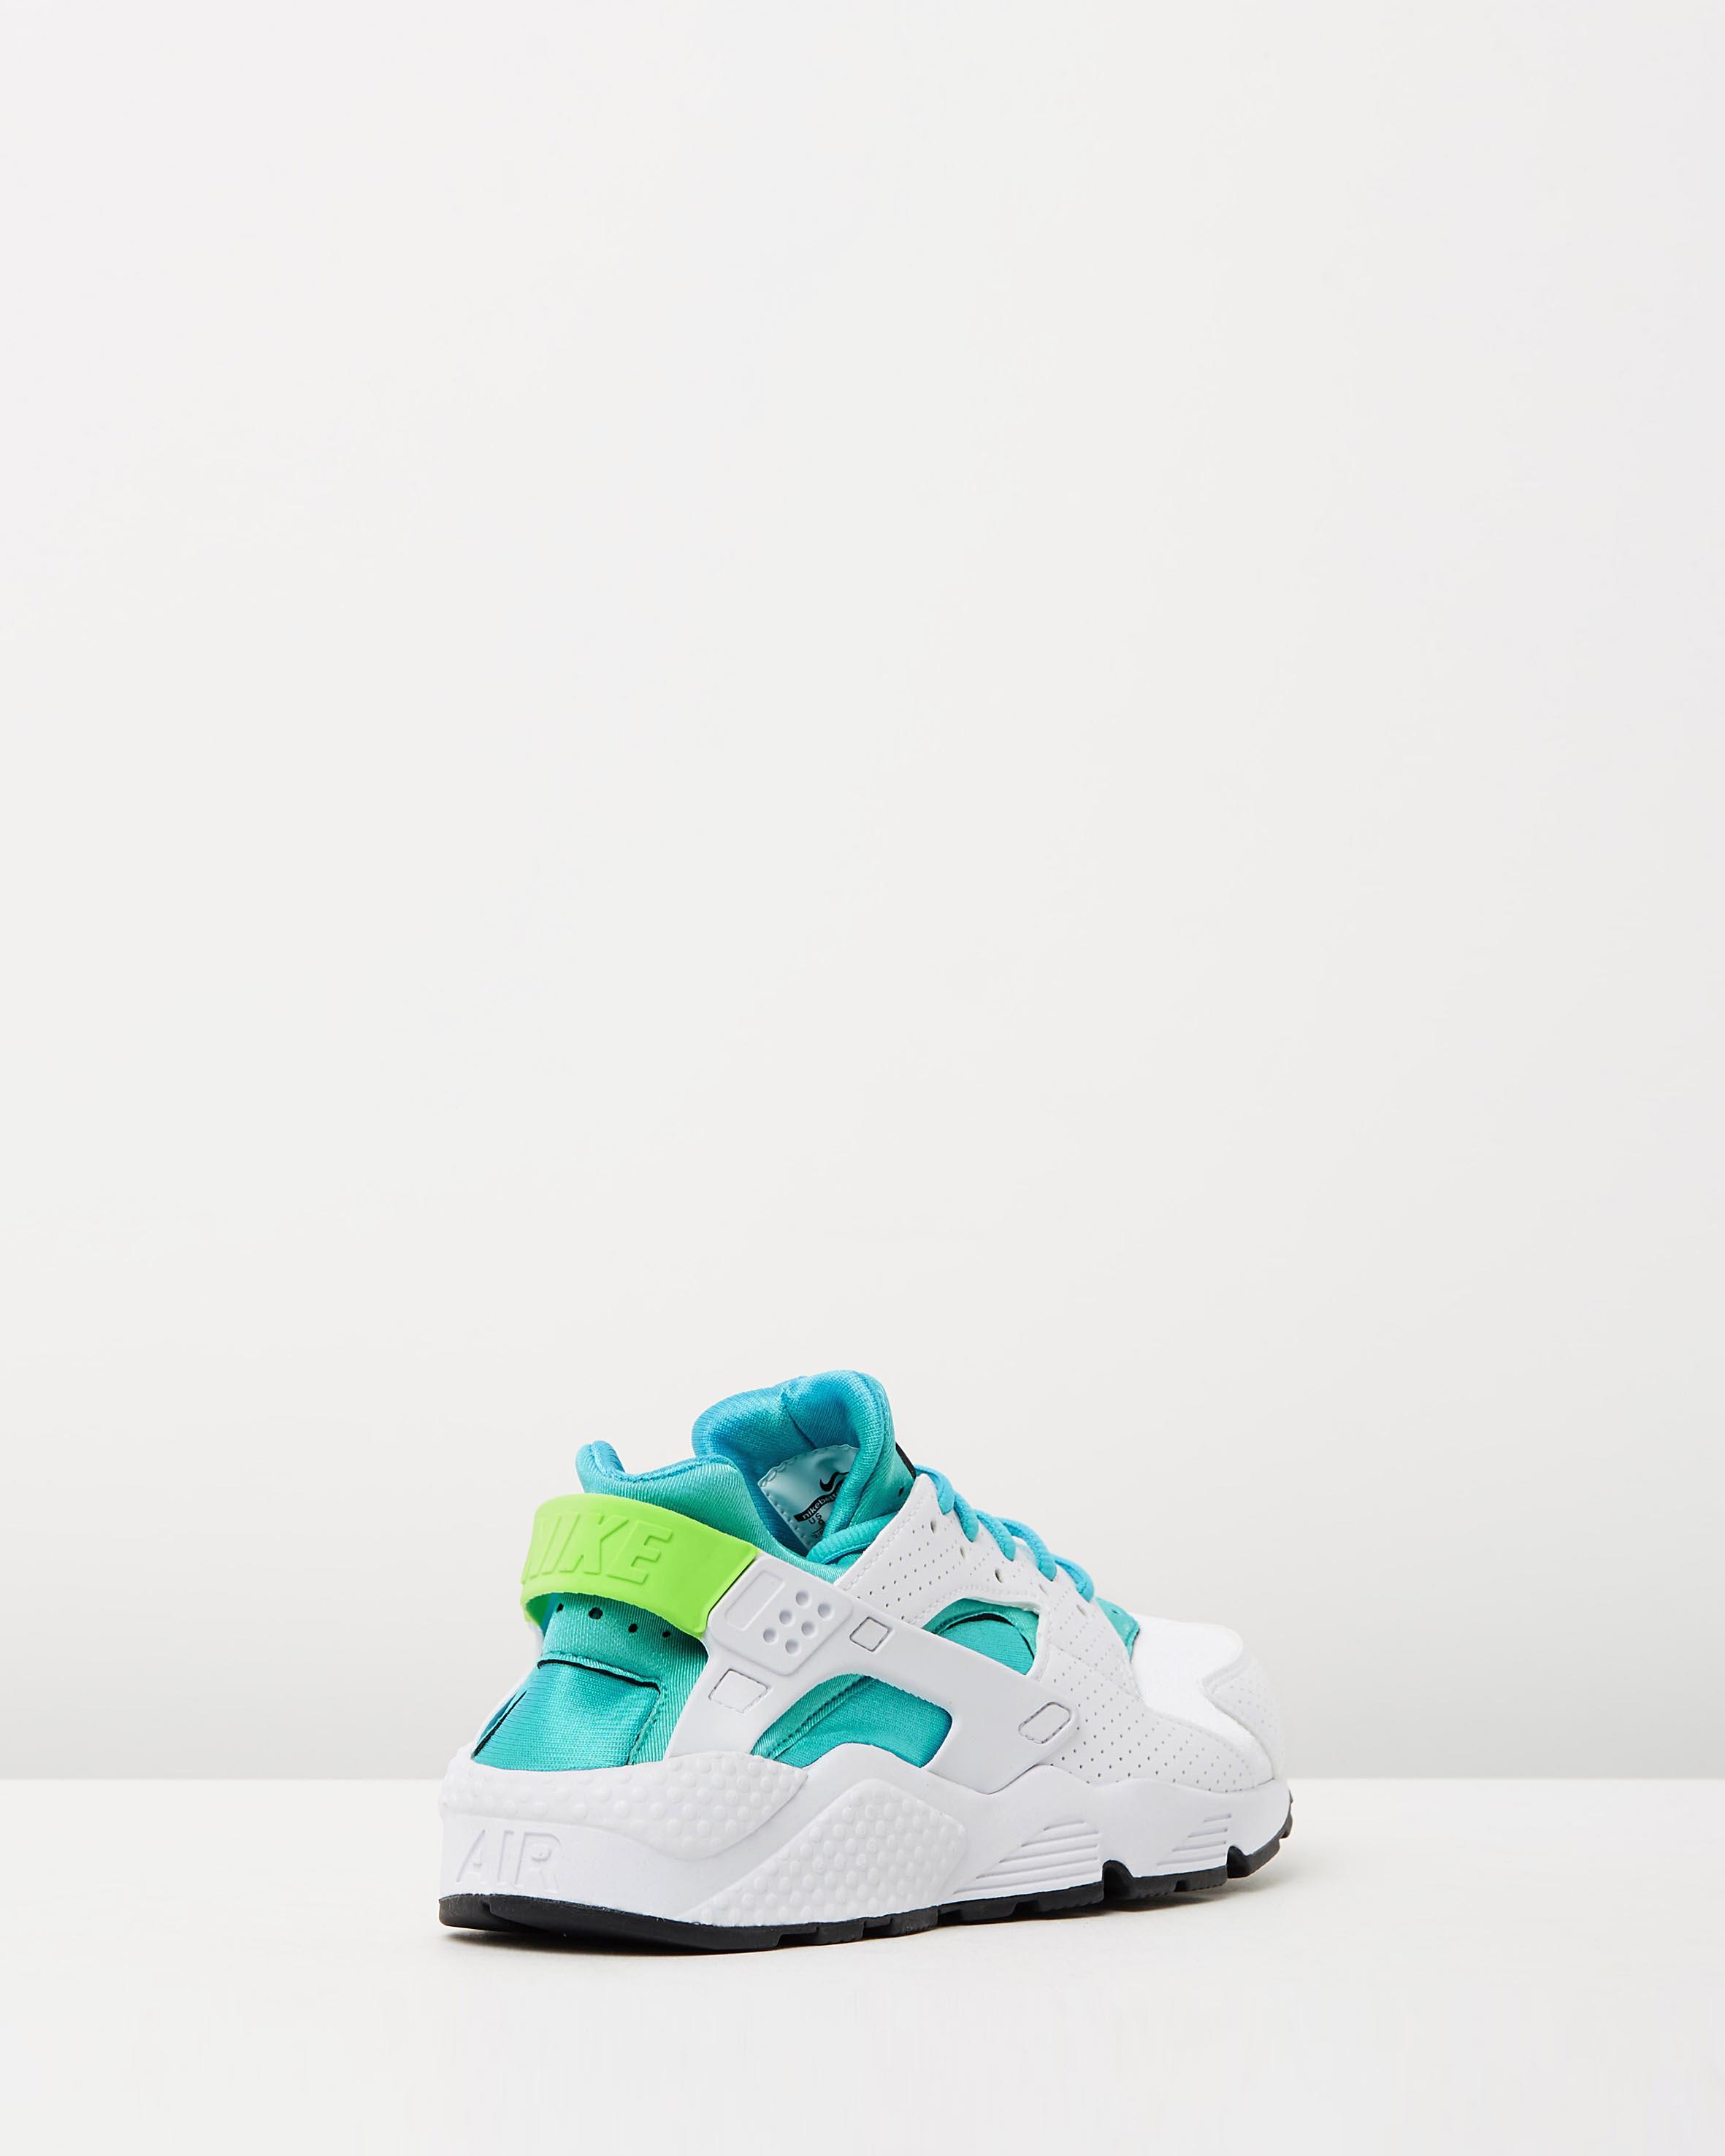 new product d4220 93f5a ... Womens Nike Air Huarache Run White Gamma 2 ...